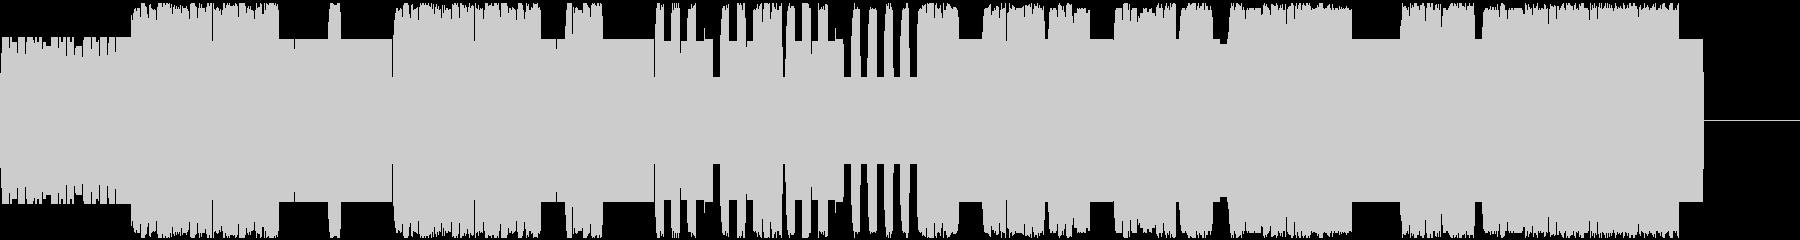 ファミコン塔などのダンジョンイメージ曲の未再生の波形